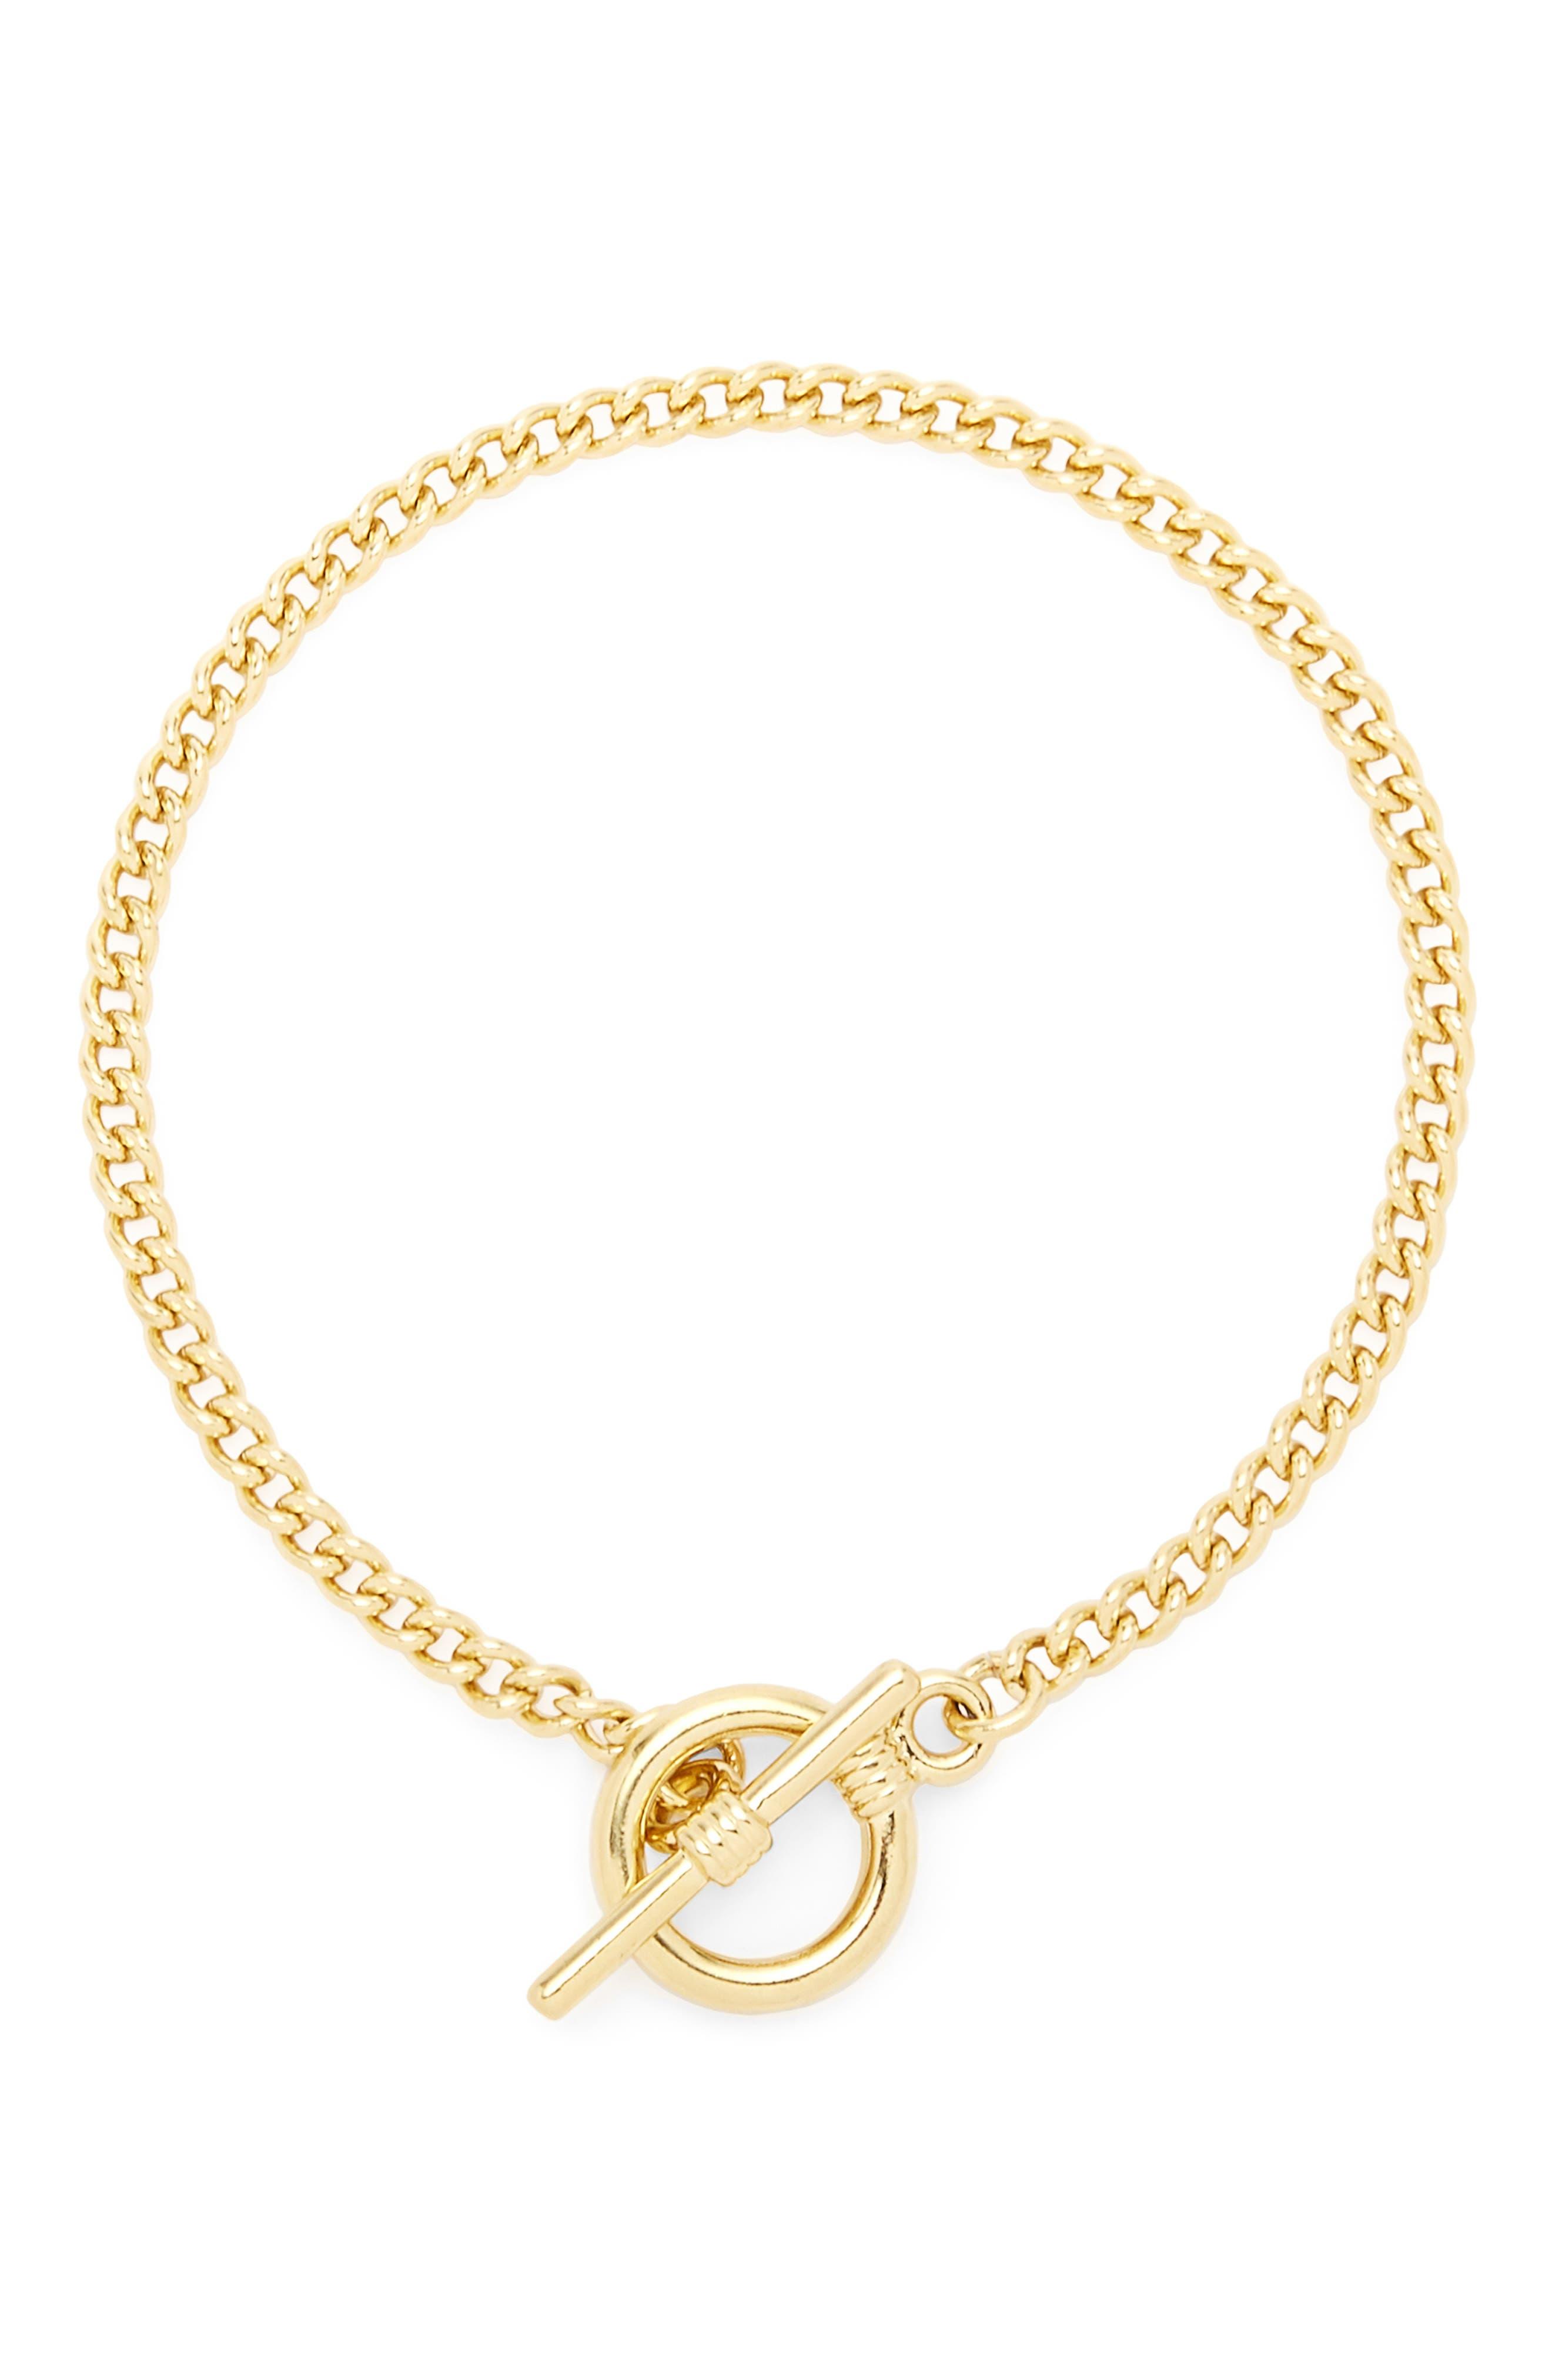 Maeve Toggle Bracelet